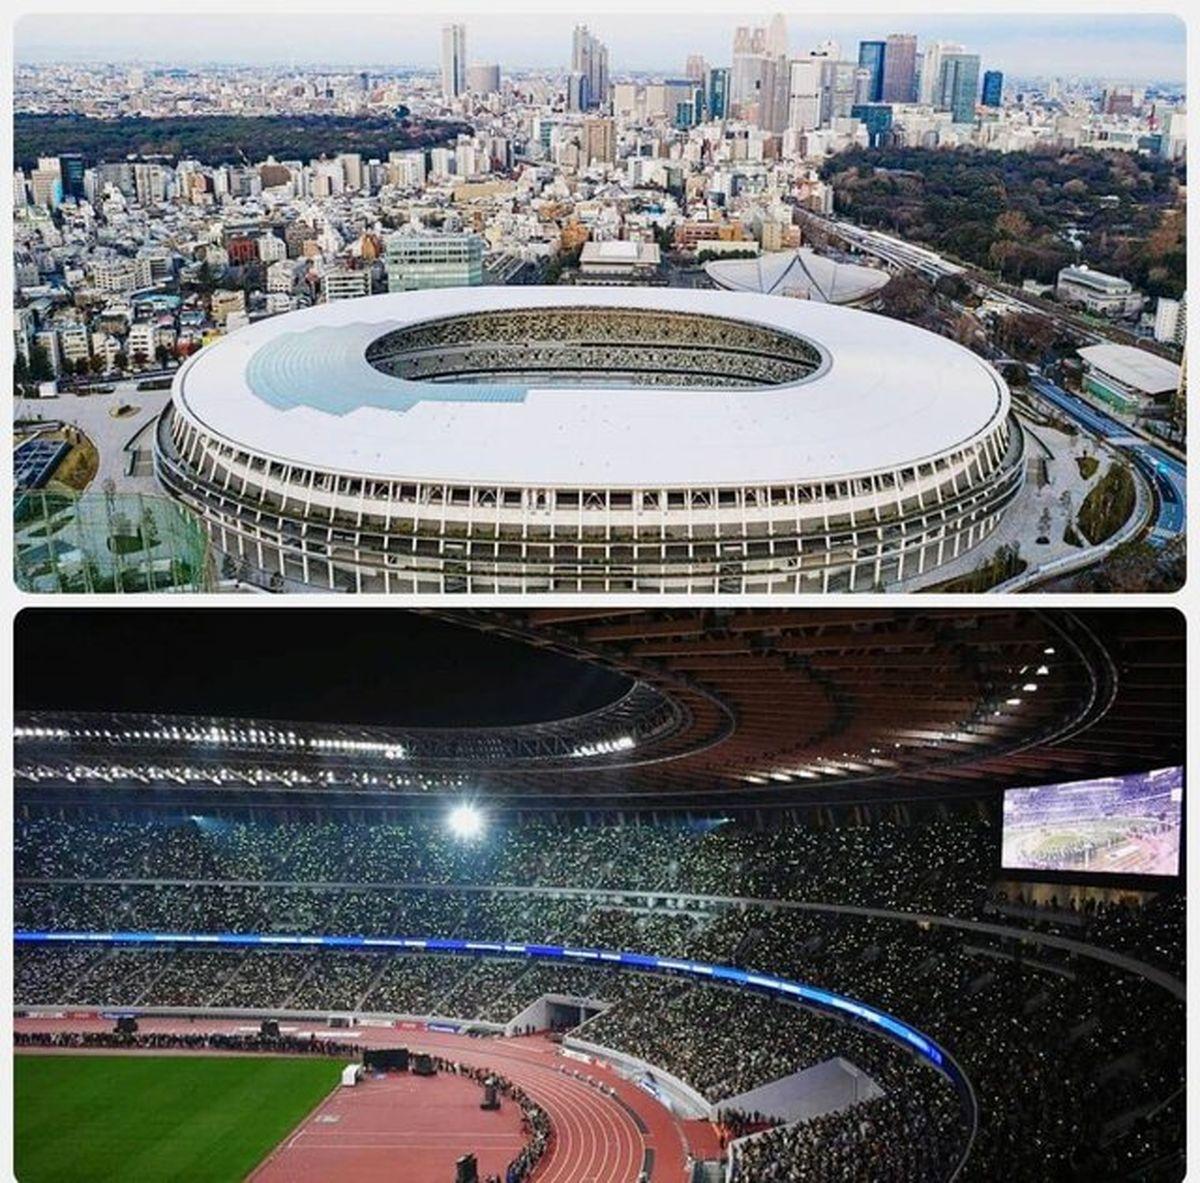 مهمترین خبرهای ورزشی: آخرین خبر درباره حواشی کاروان ایران در المپیک توکیو